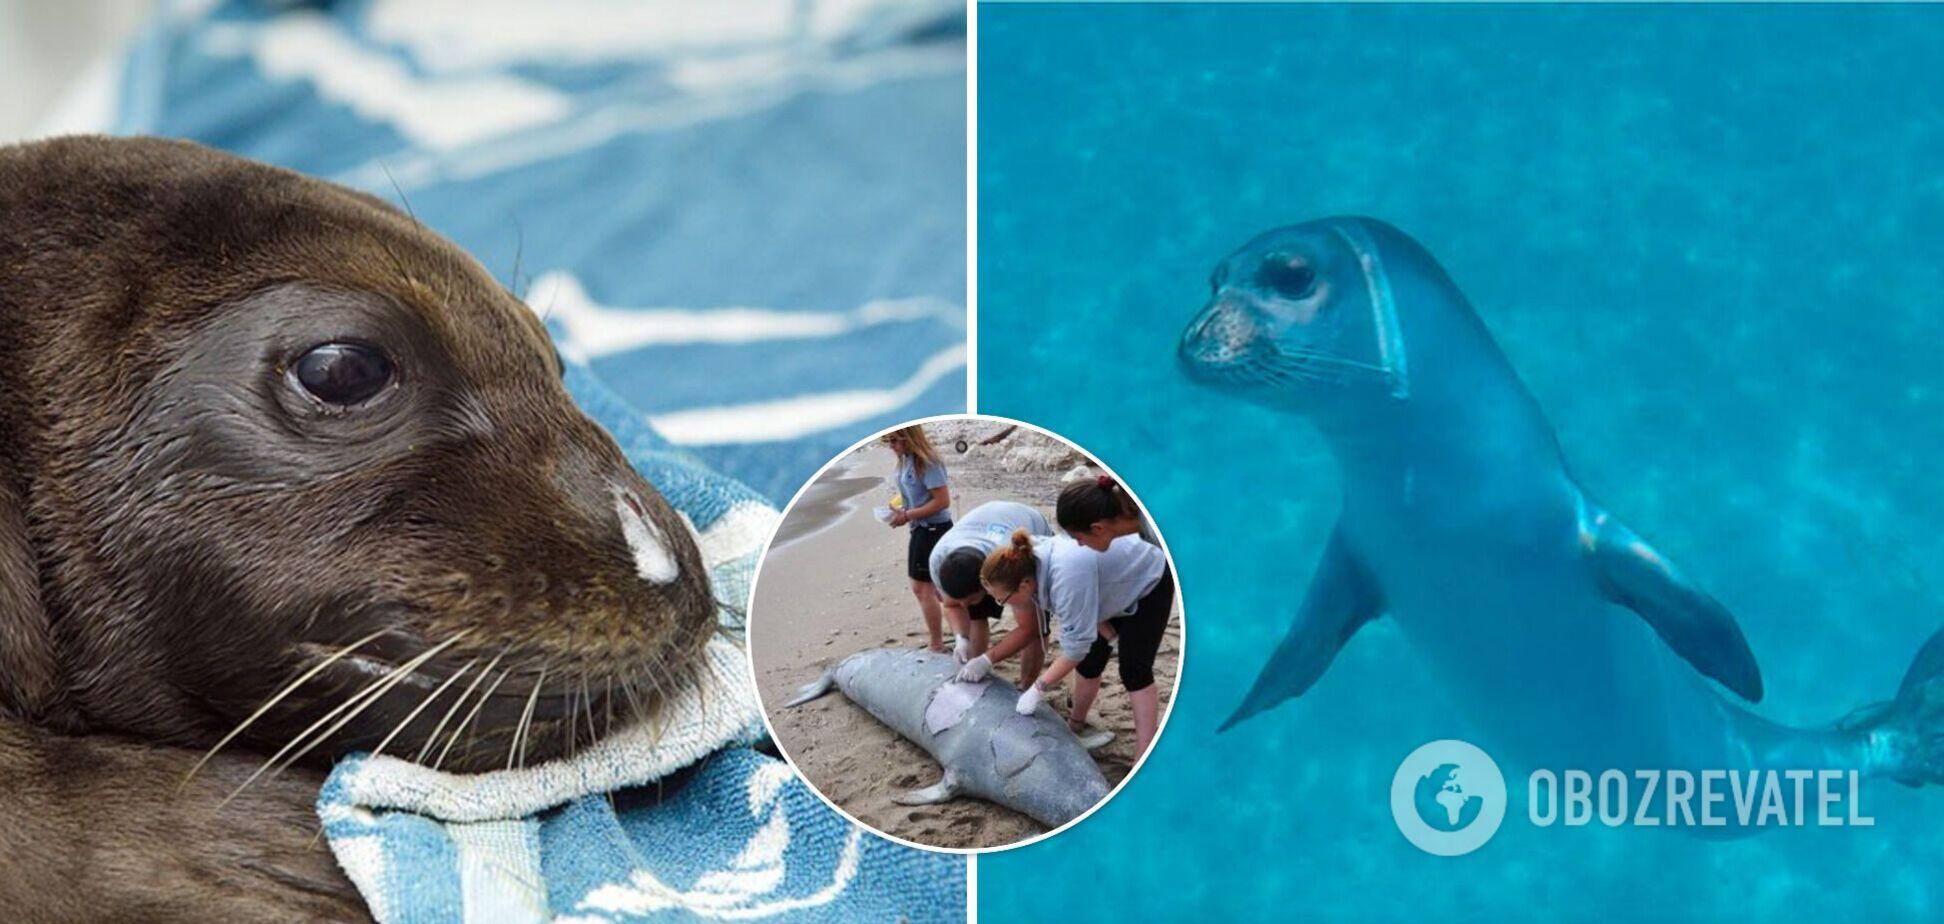 В Греции гарпуном убили знаменитого тюленя Костиса – талисмана острова Алонисос. Фото и видео